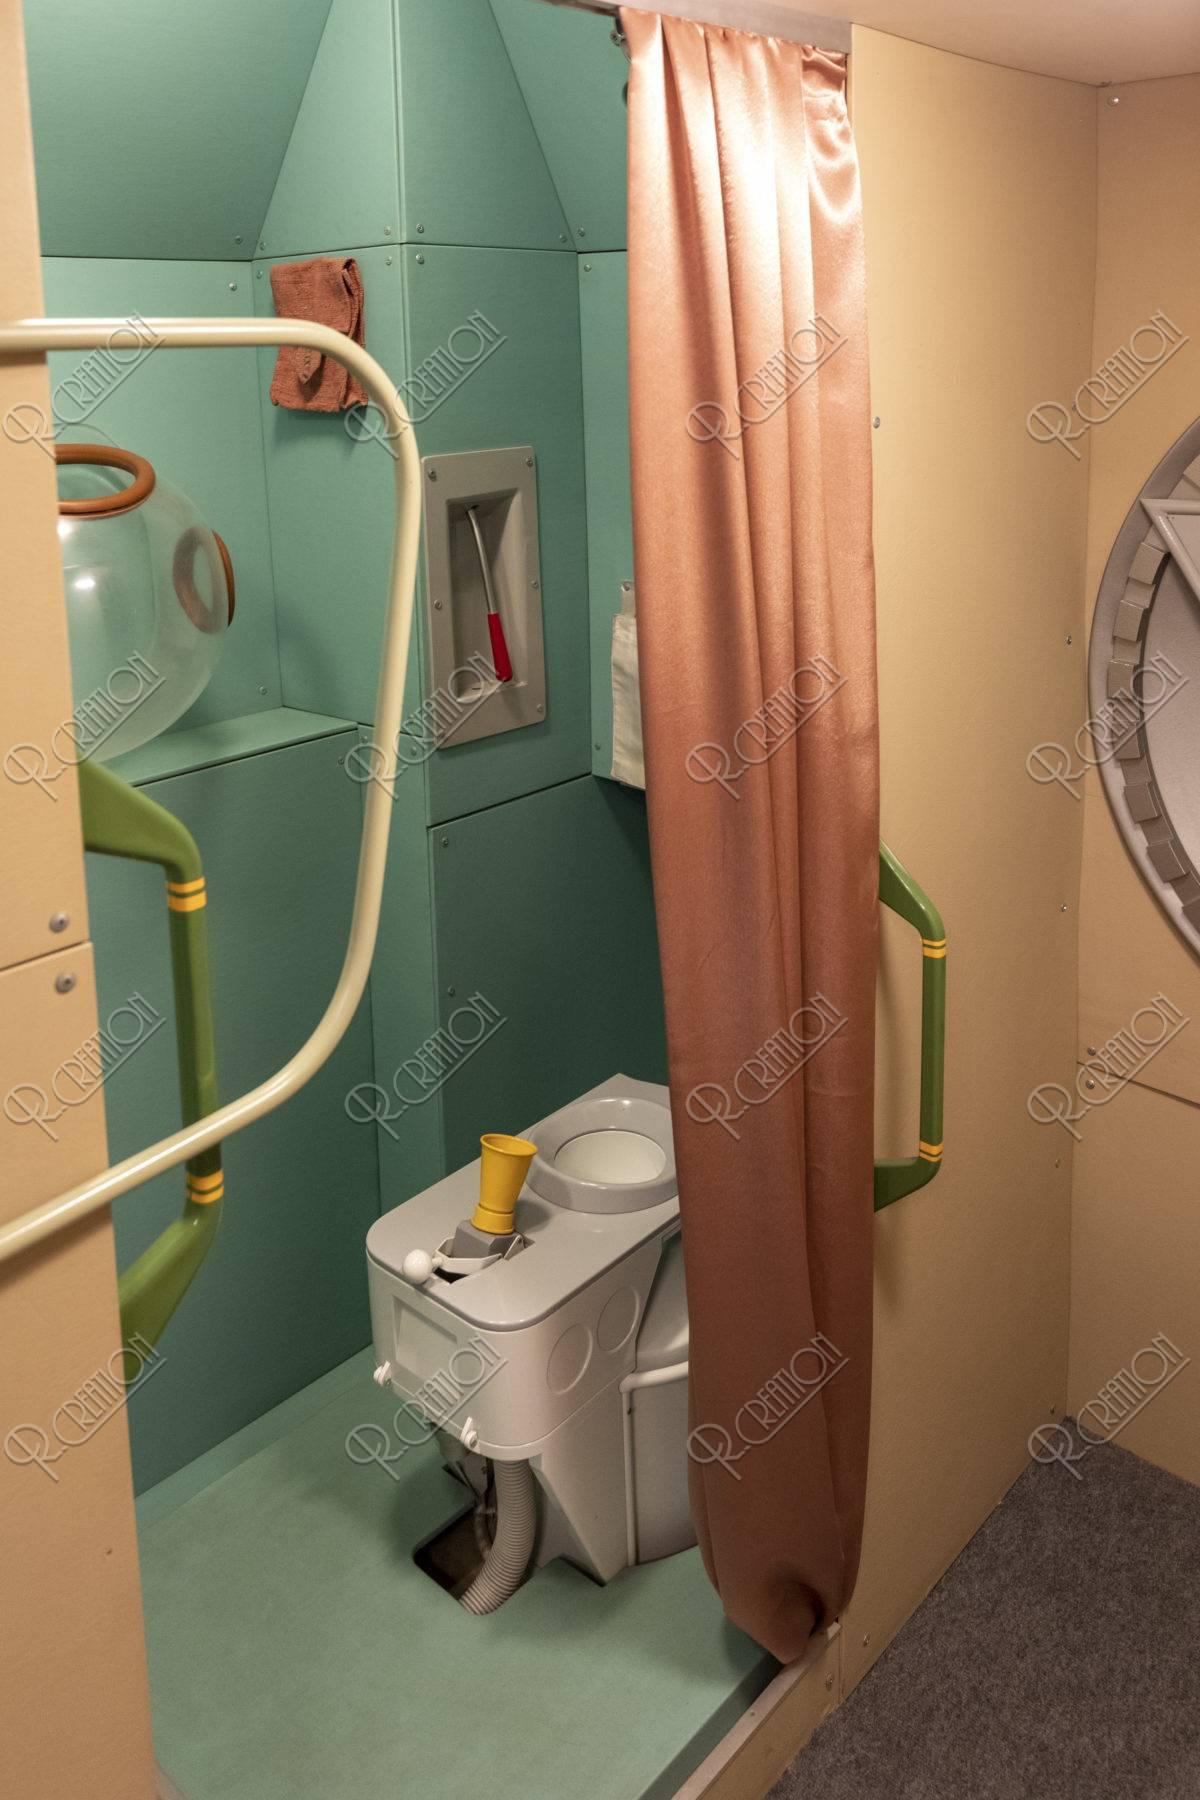 宇宙飛行士記念博物館 内部 トイレ